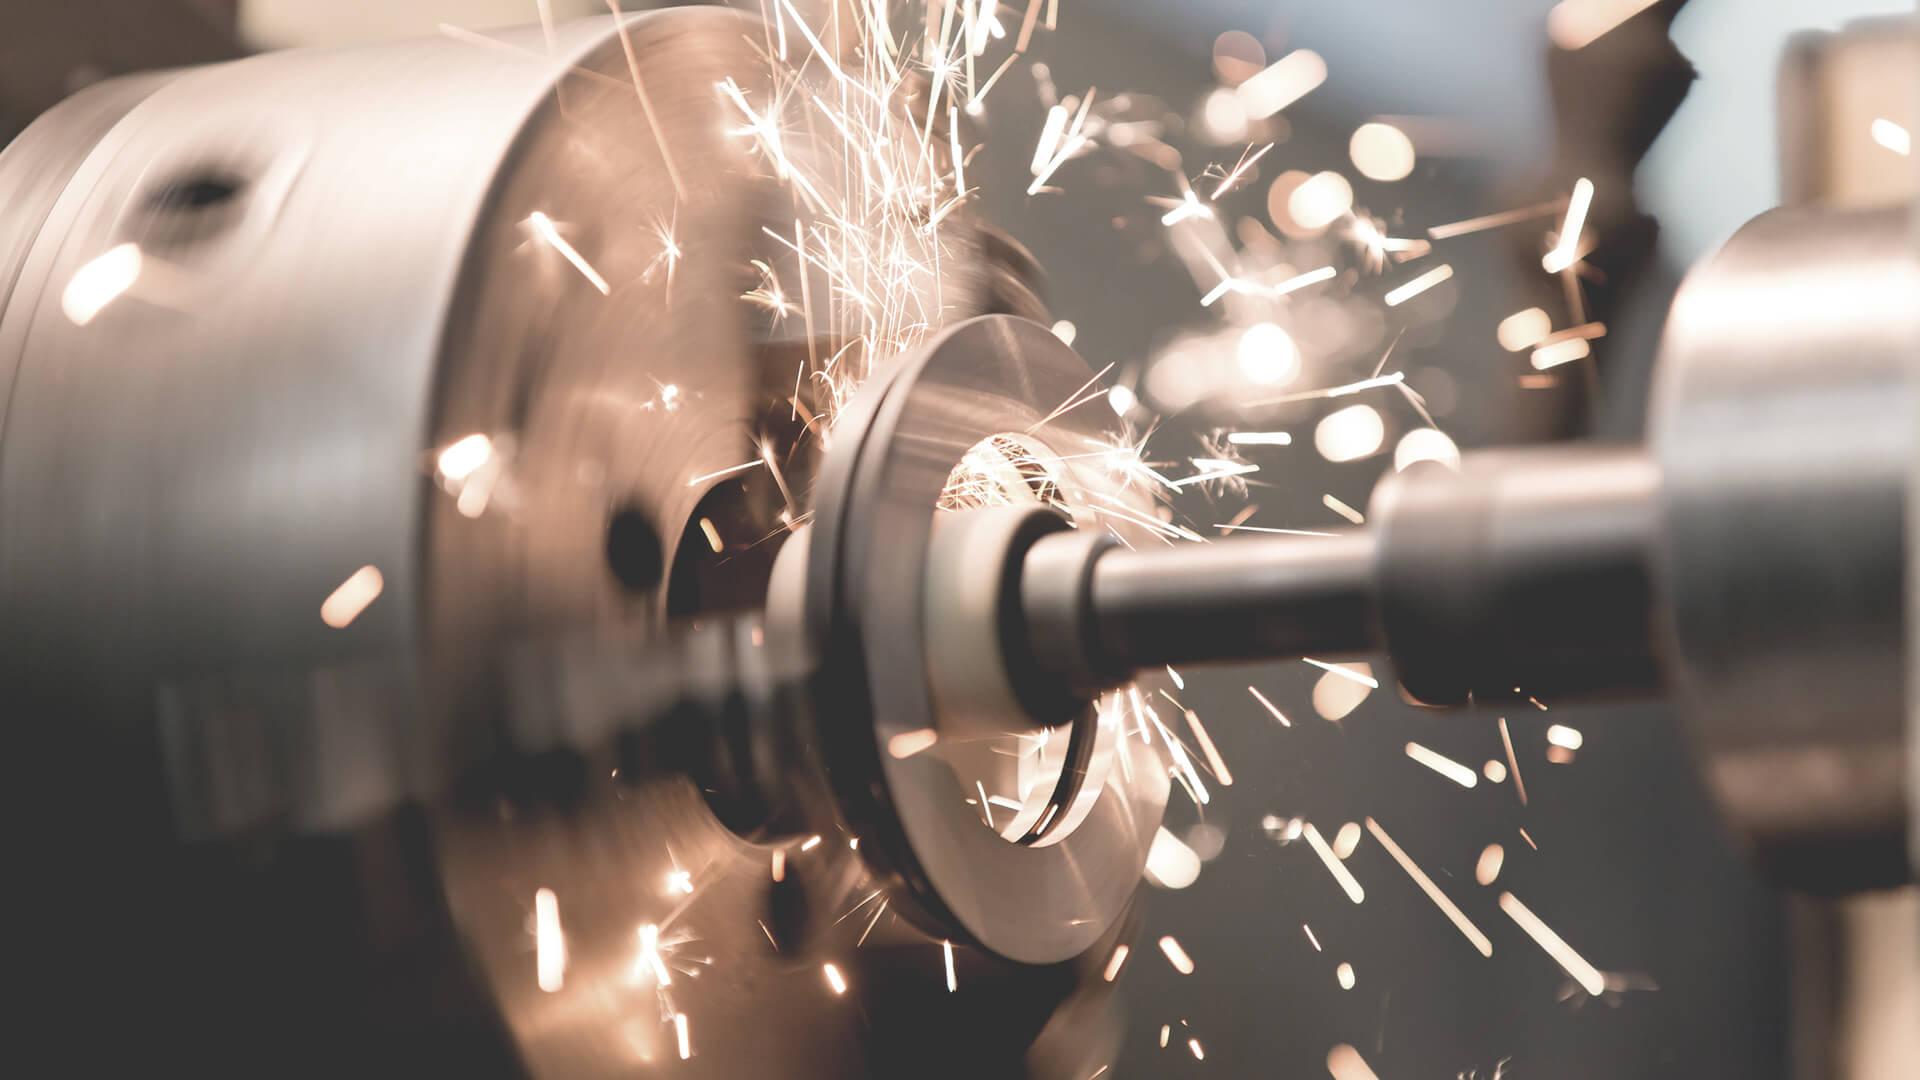 c-land-logistics-verktyg-skruvar-mutter-tillverkning